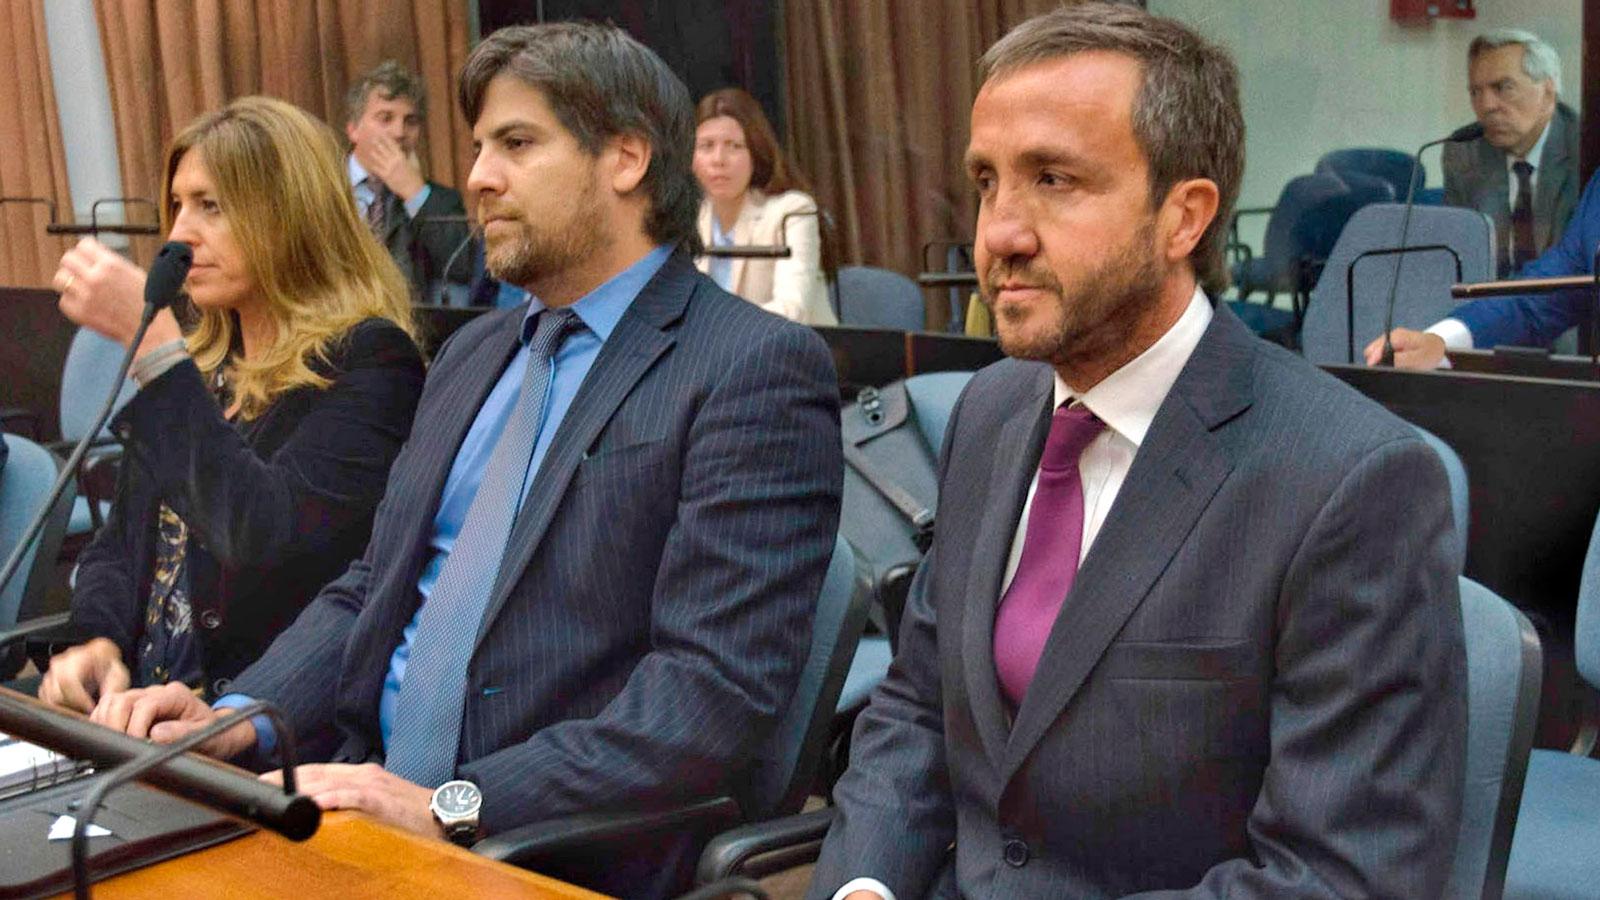 El presunto testaferro de Boudou ya está siendo juzgado junto con el ex vicepresidente y otros imputados.